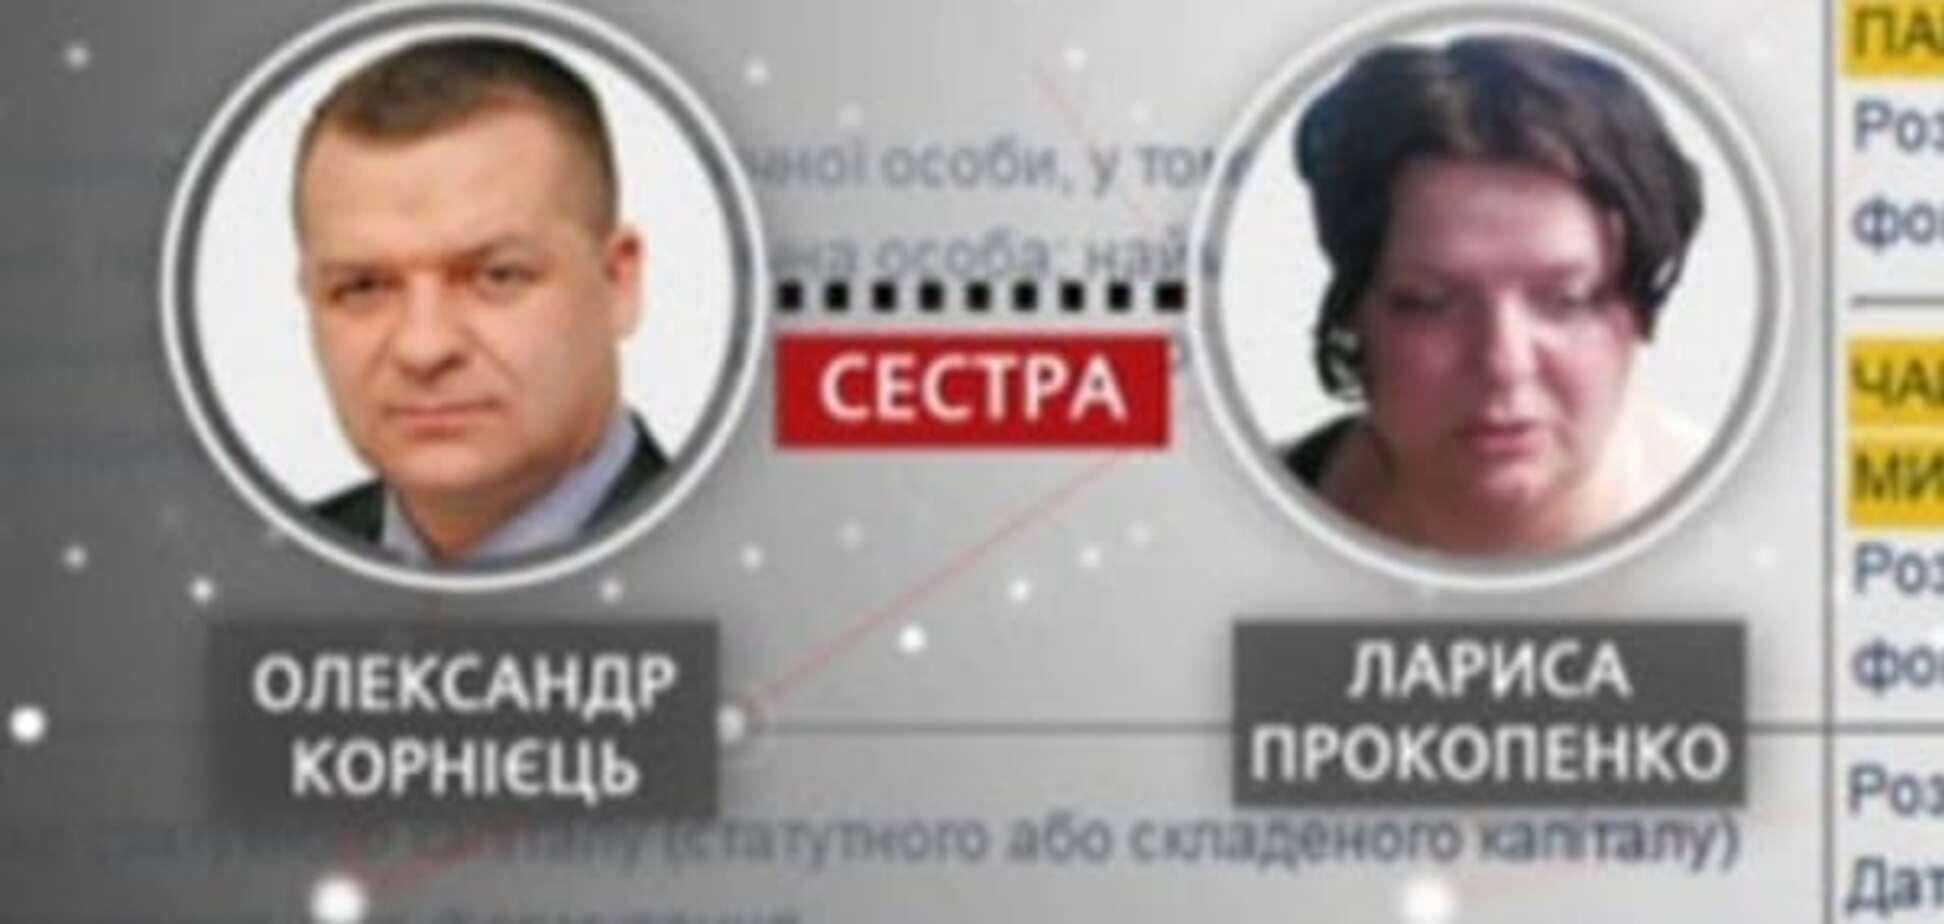 Александр Корниец, Лариса Прокопенко